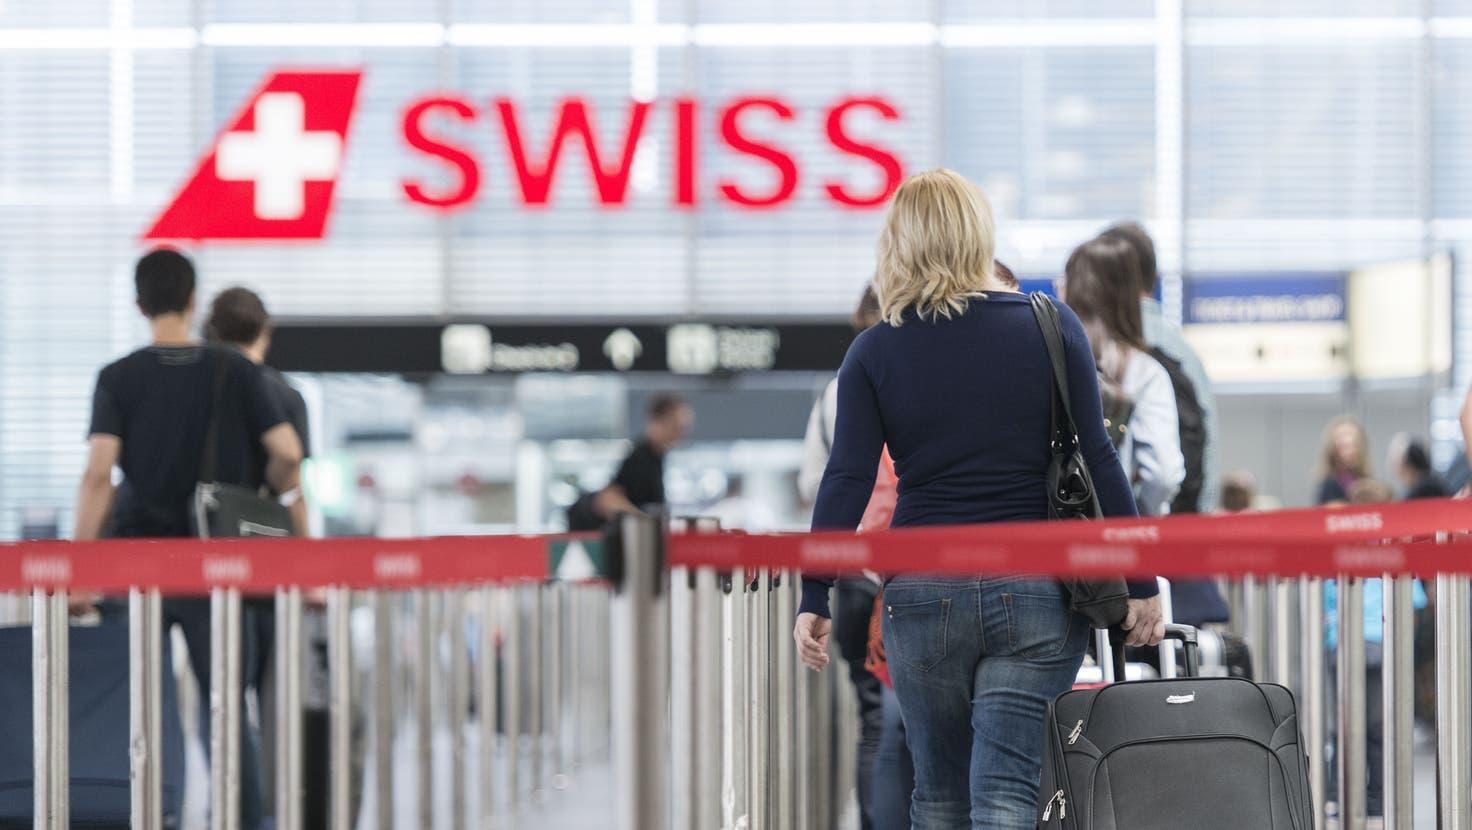 Die USA sind bald wieder offen für Schweizer Touristen - doch beim Check-in droht der Reisefreude ein Dämpfer. (Keystone)